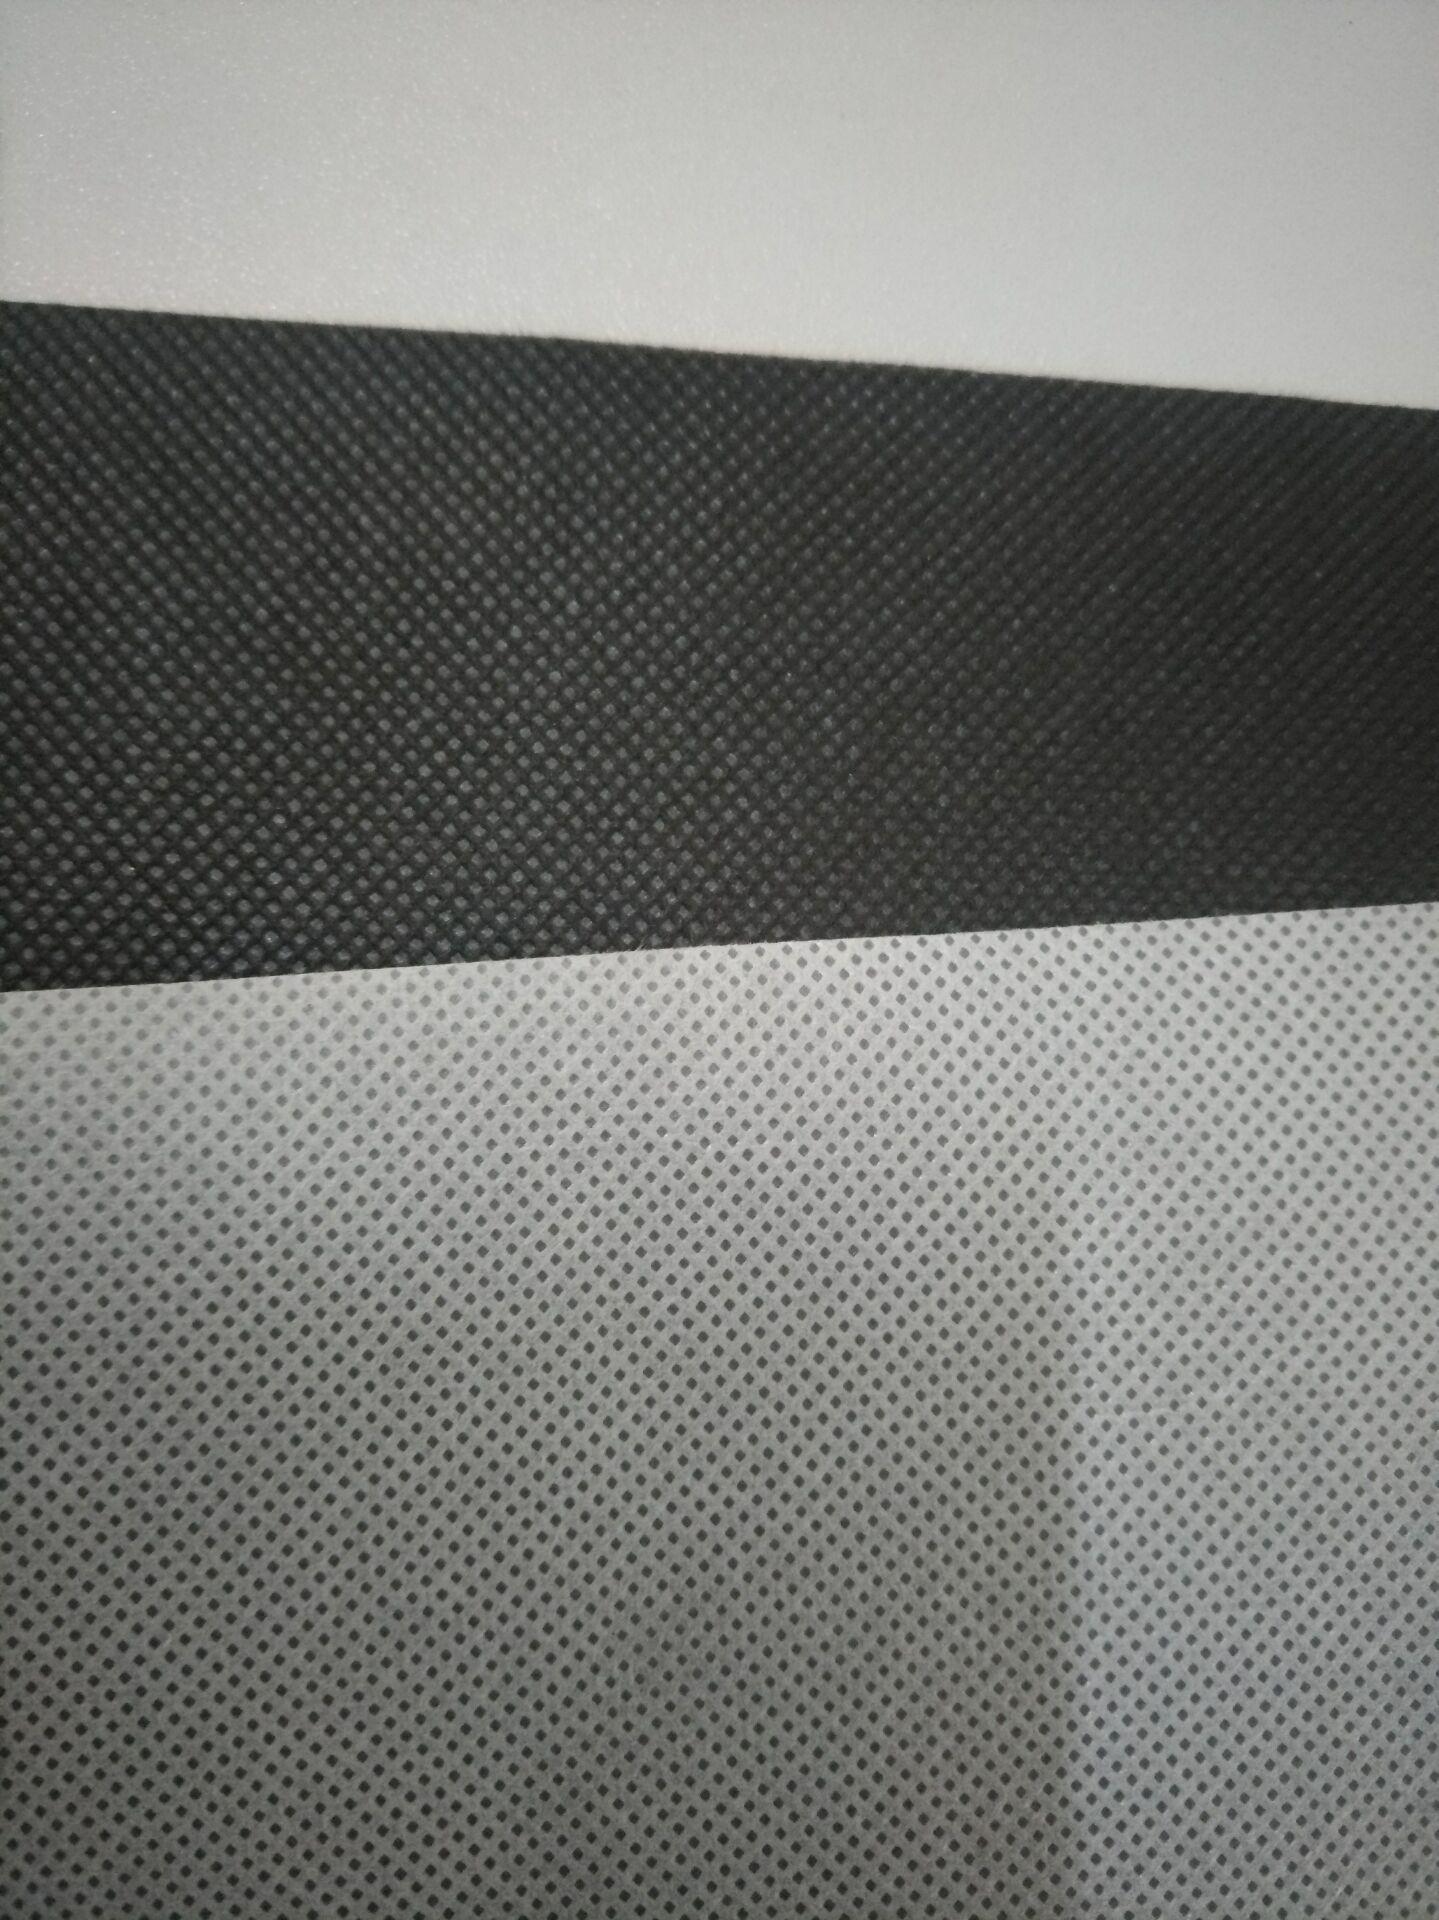 我厂新推出拉力超强彩色无纺布